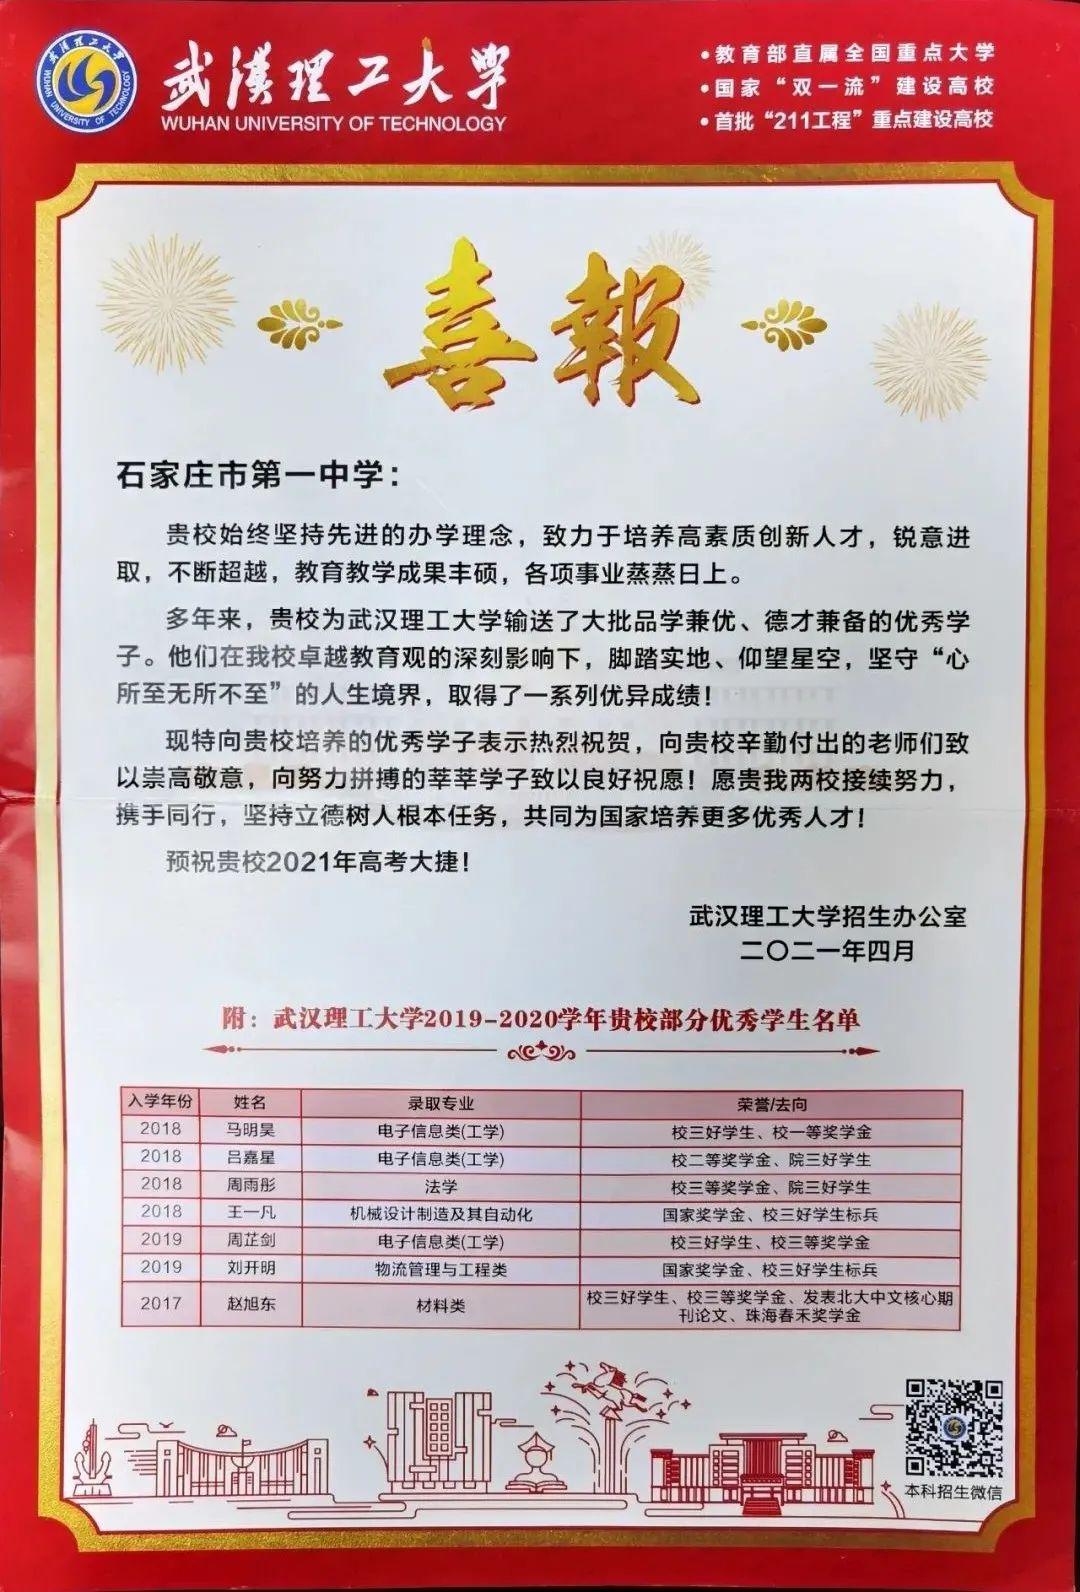 【喜报】 石家庄一中收到武汉理工大学发来喜报